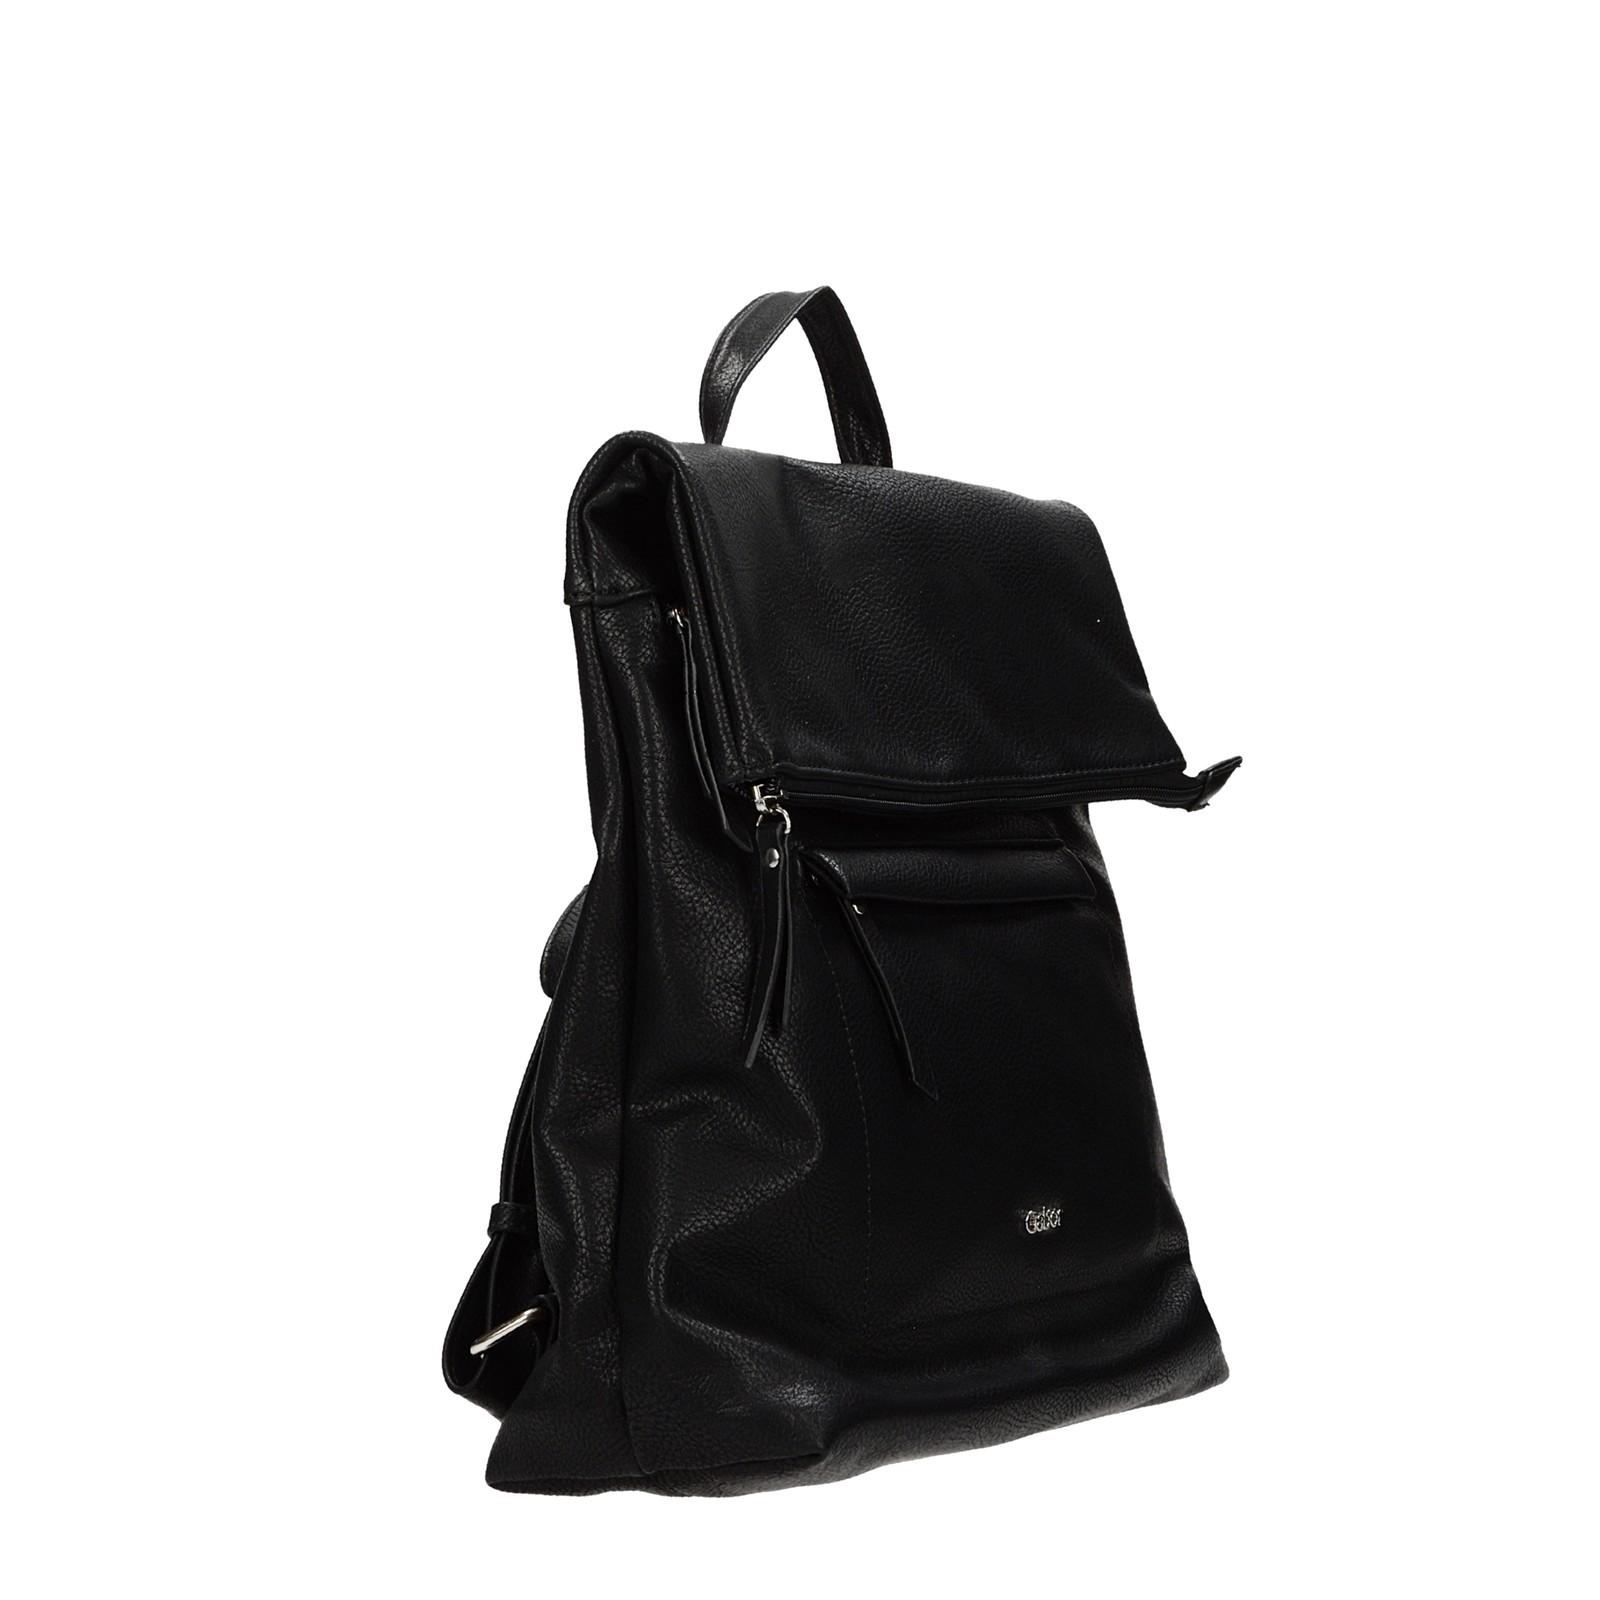 ... Gabor dámsky štýlový ruksak - čierny ... a4156e2383